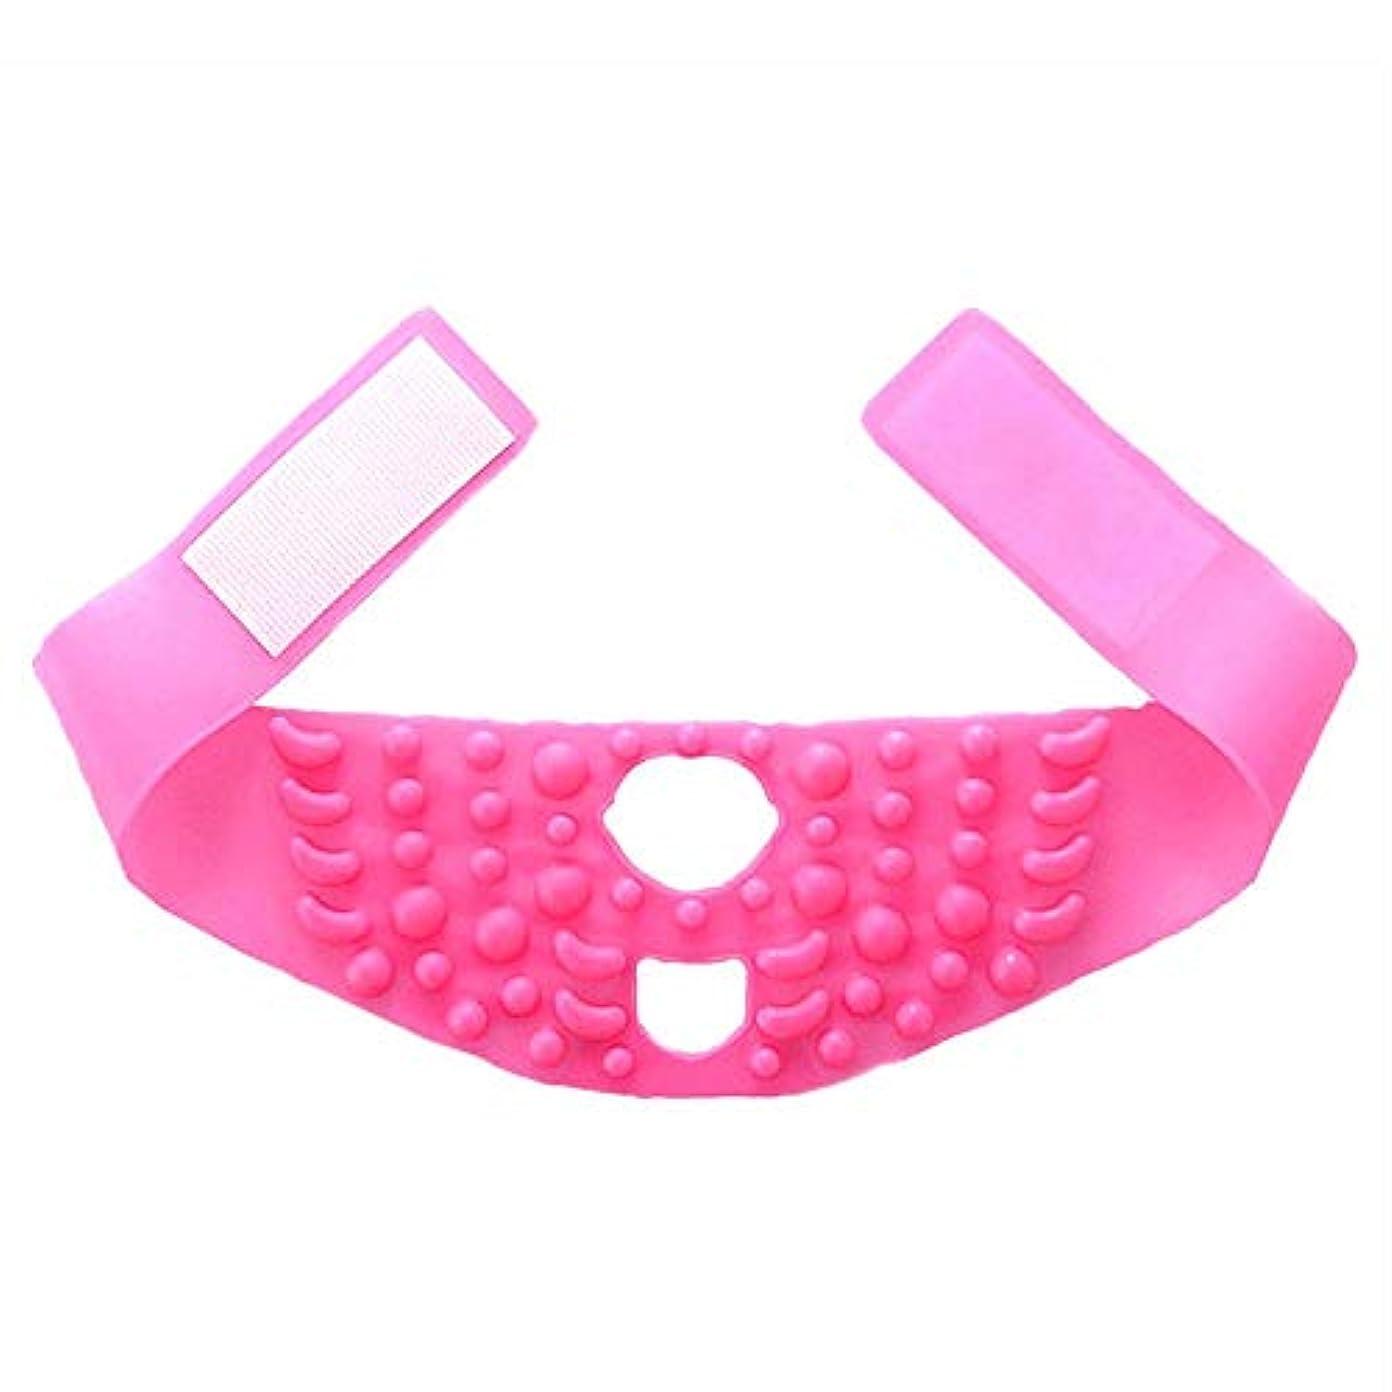 結紮つかいます臨検GYZ シンフェイスマスクシリコーンマッサージ引き締まった形の小さなVフェイスリフティングに薄いフェイスアーティファクト包帯を飾る - ピンク Thin Face Belt